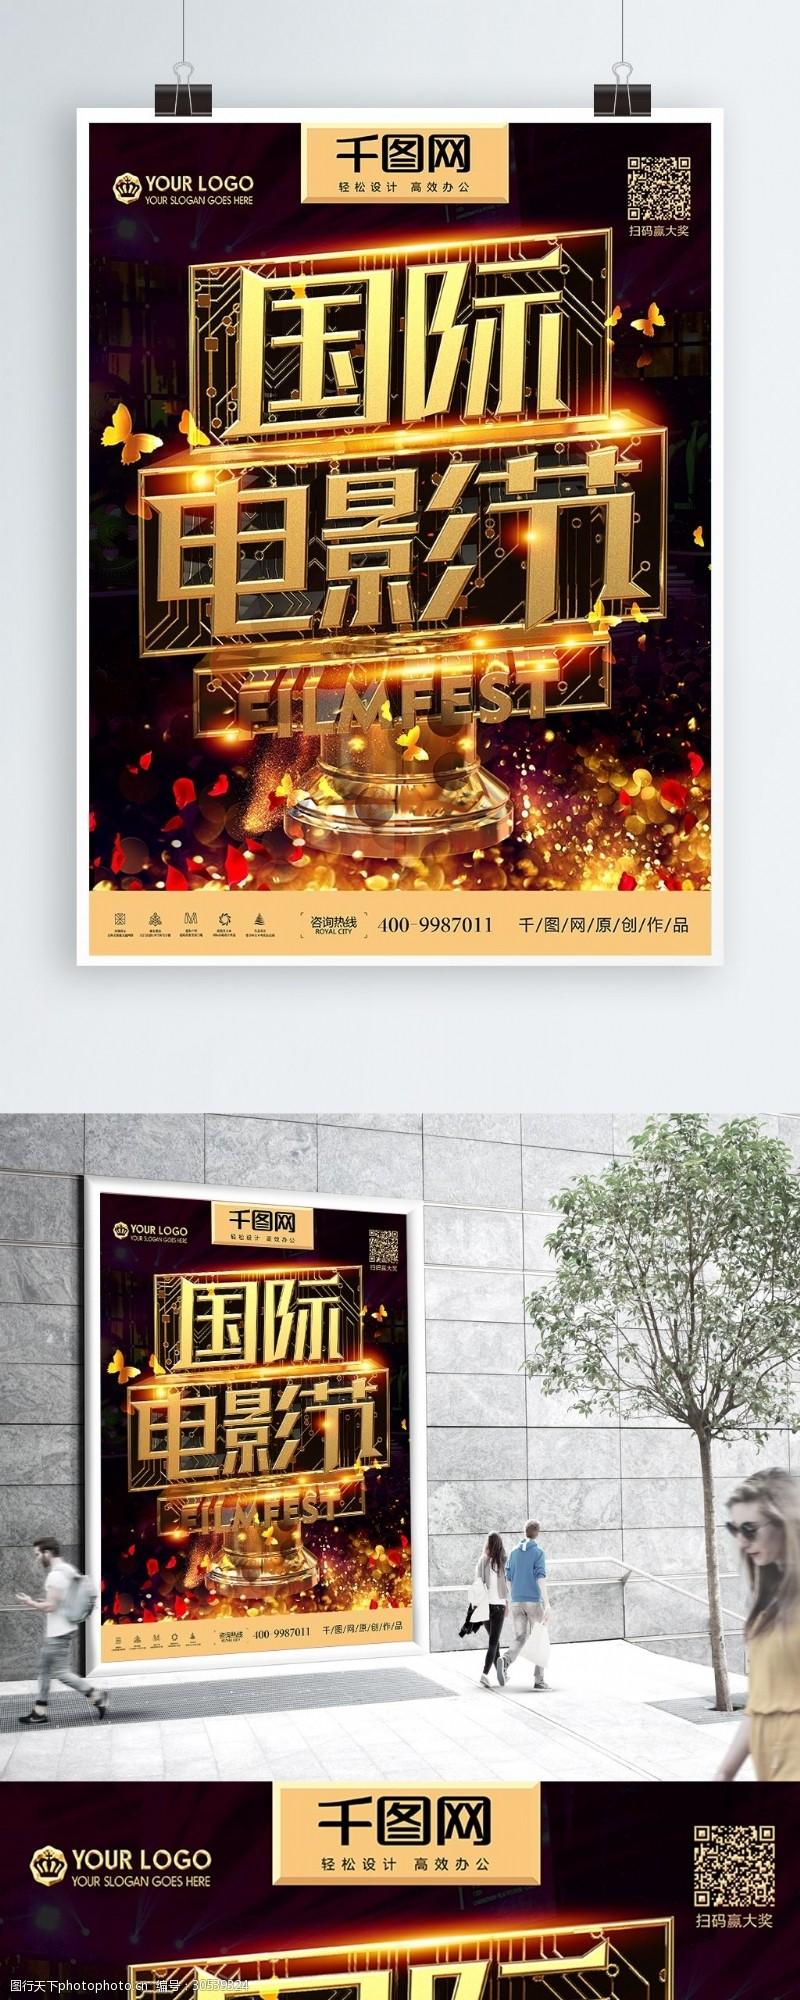 上海电影节黑金电影节海报设计